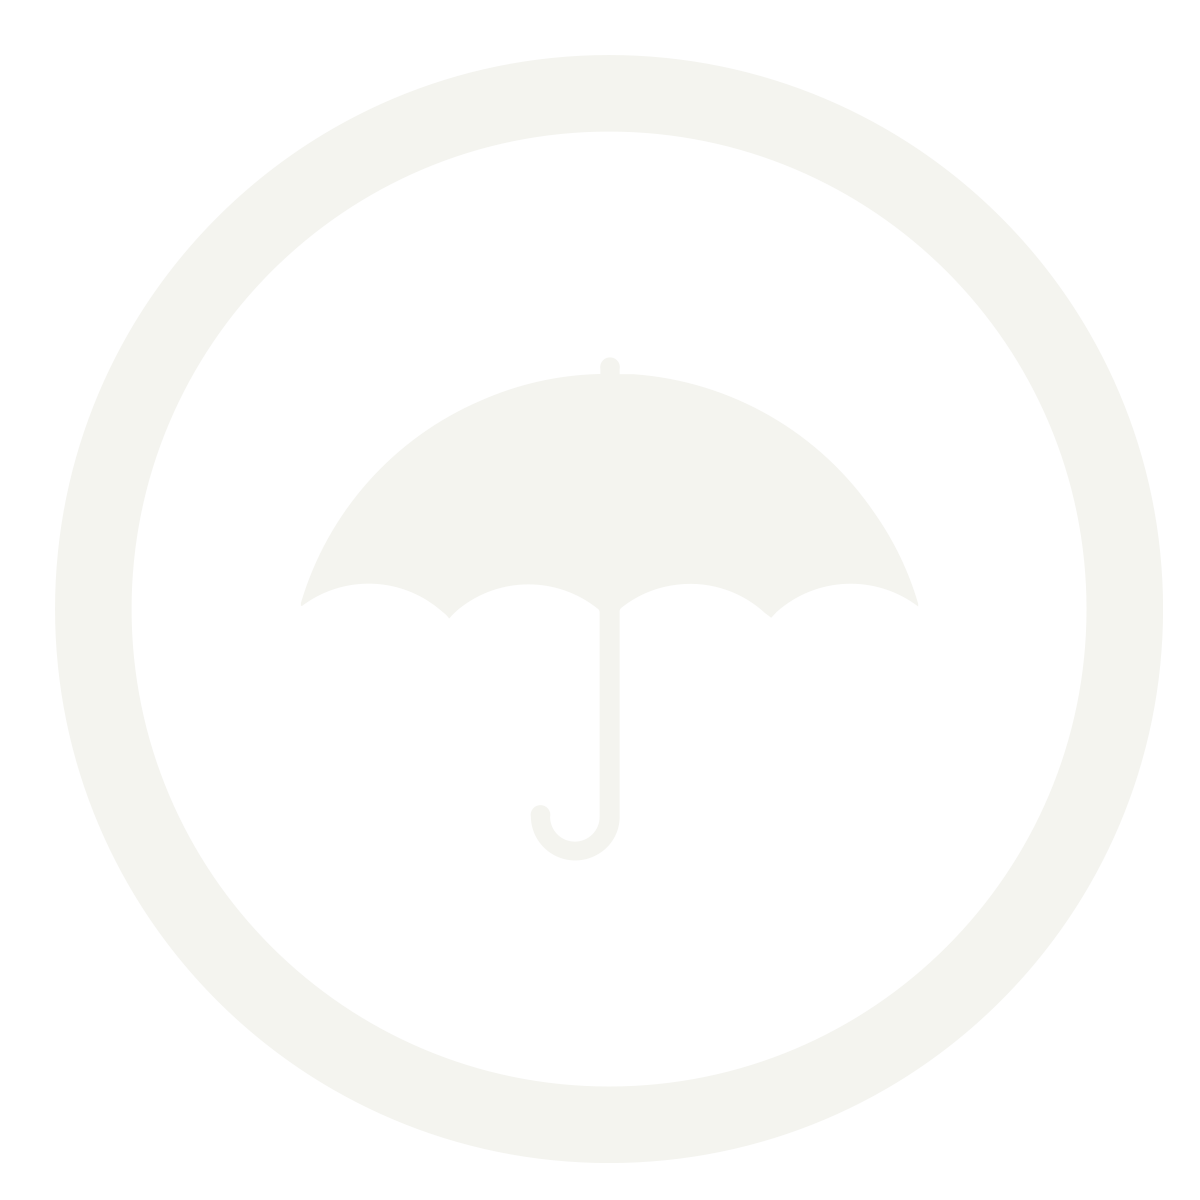 wcs-umbrella-icon-white.png